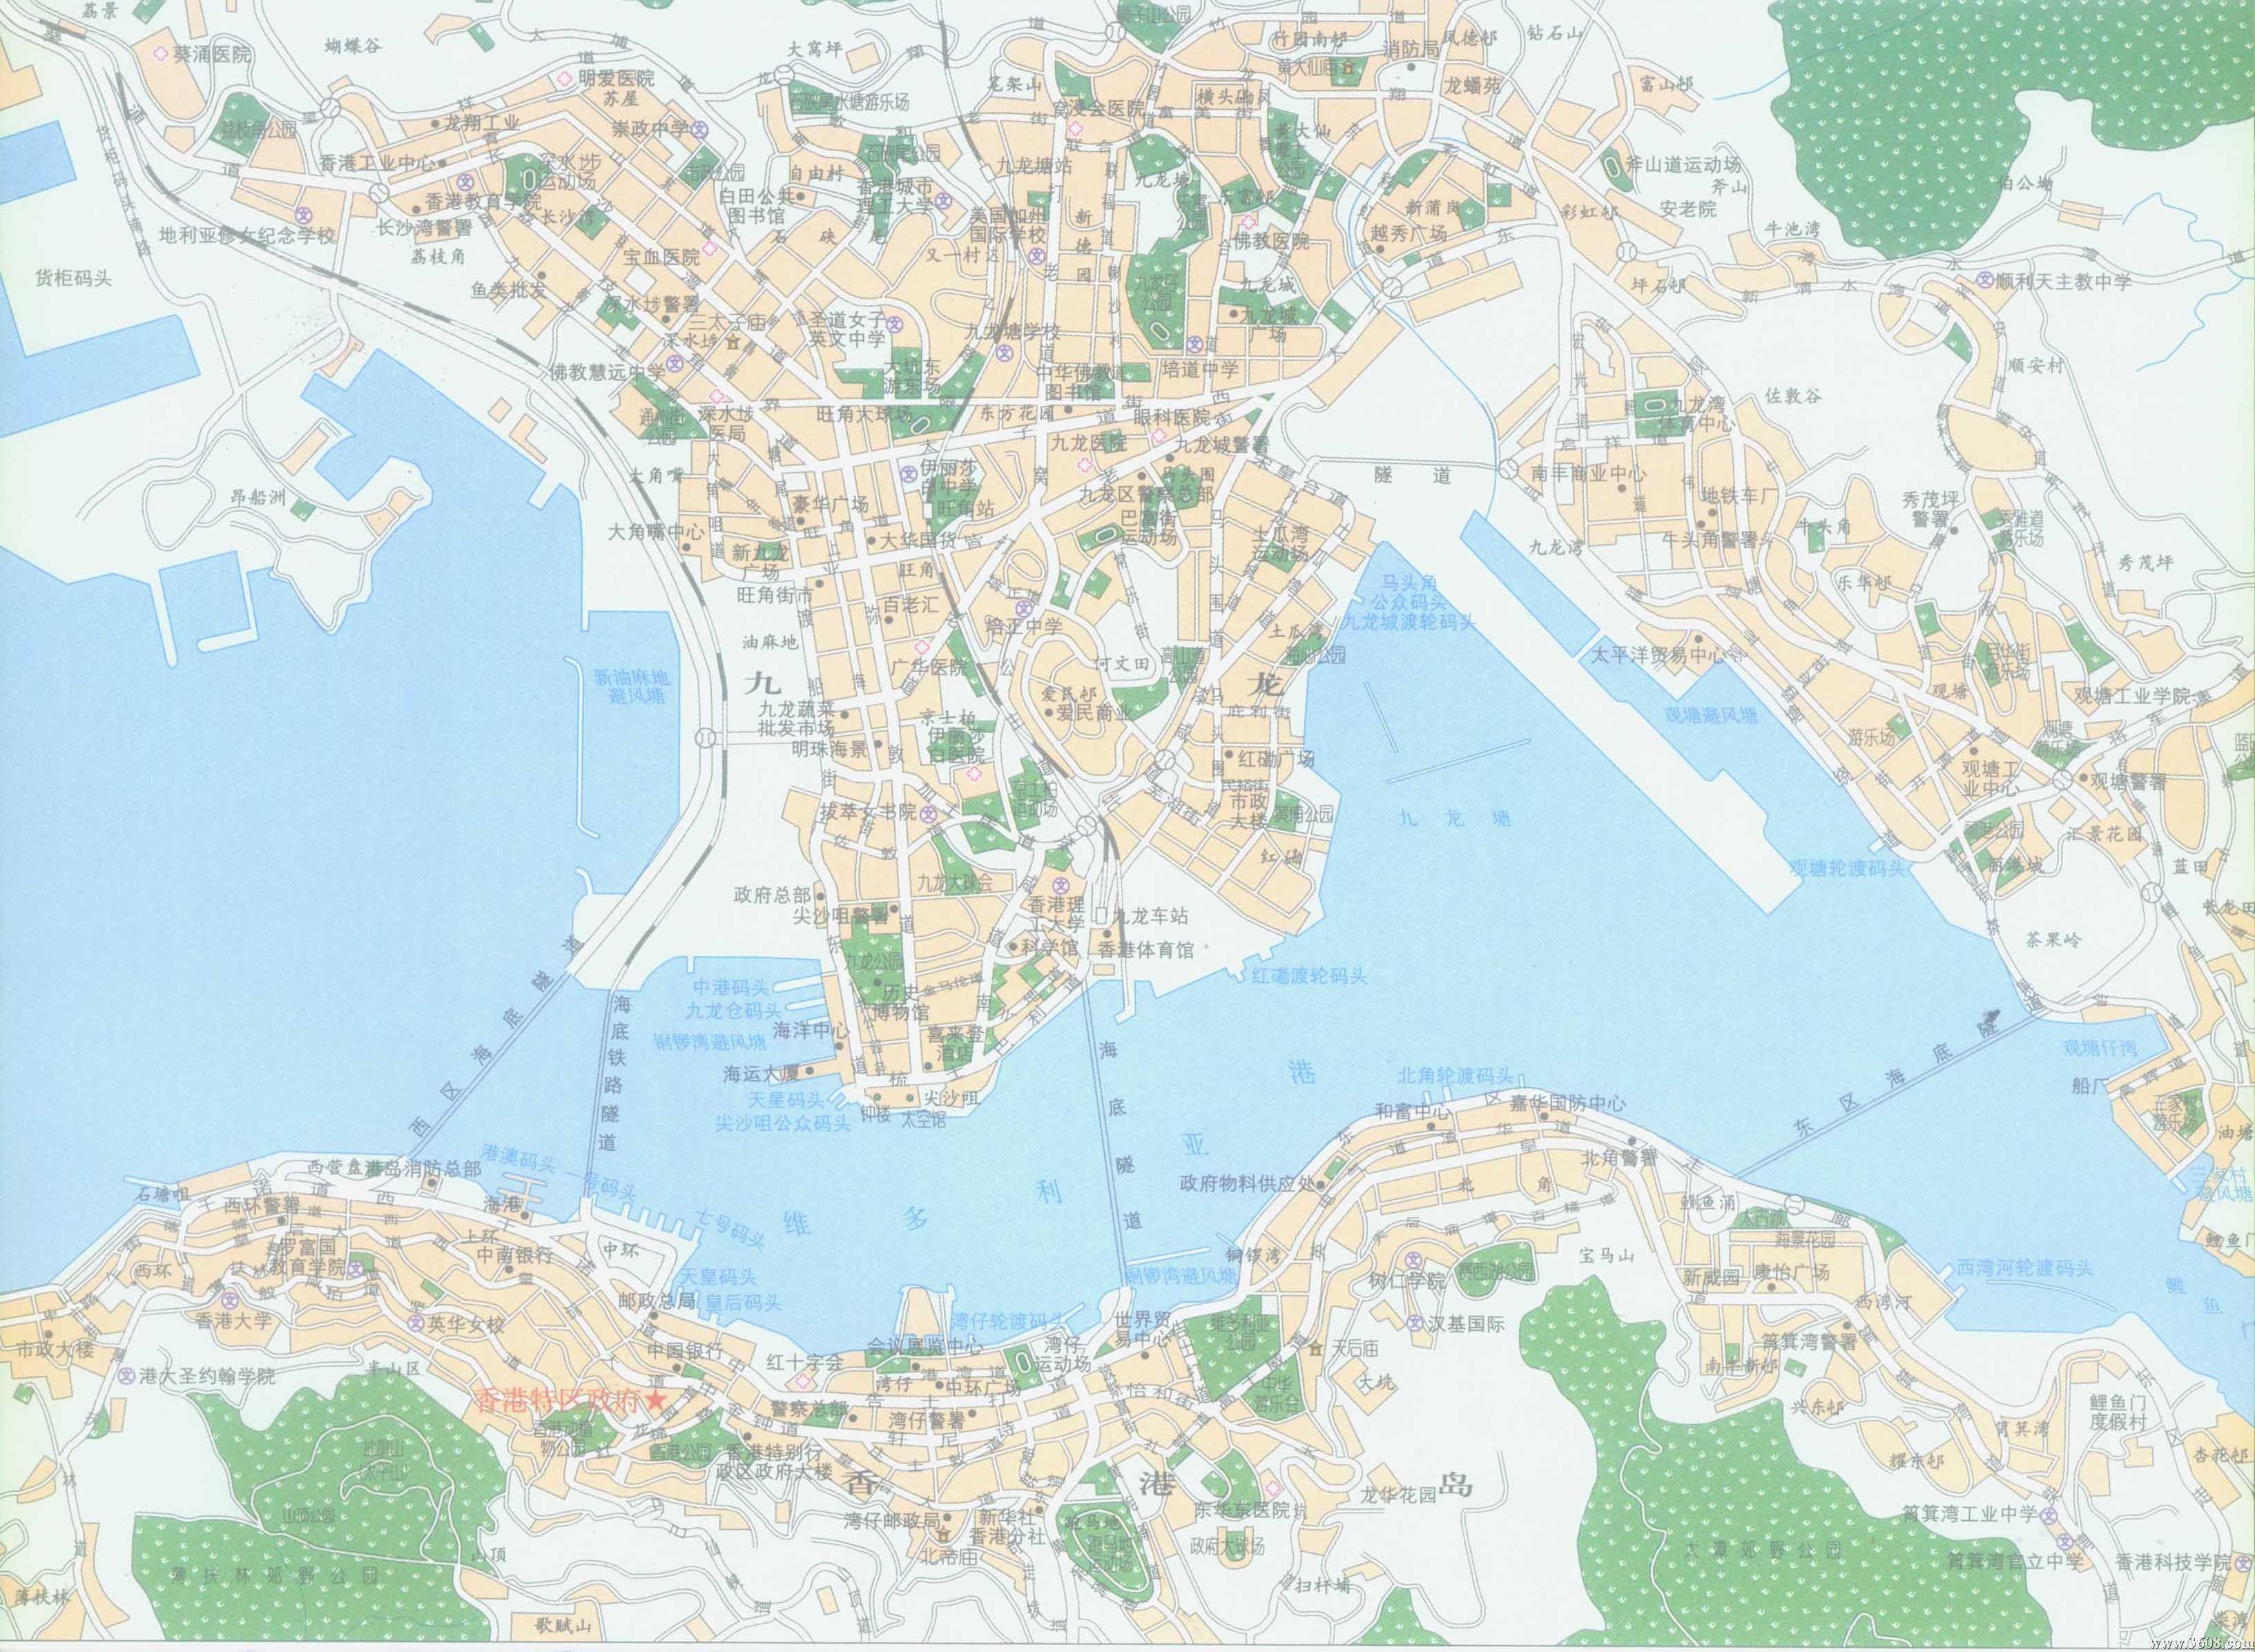 香港岛九龙区全图_香港地图查询